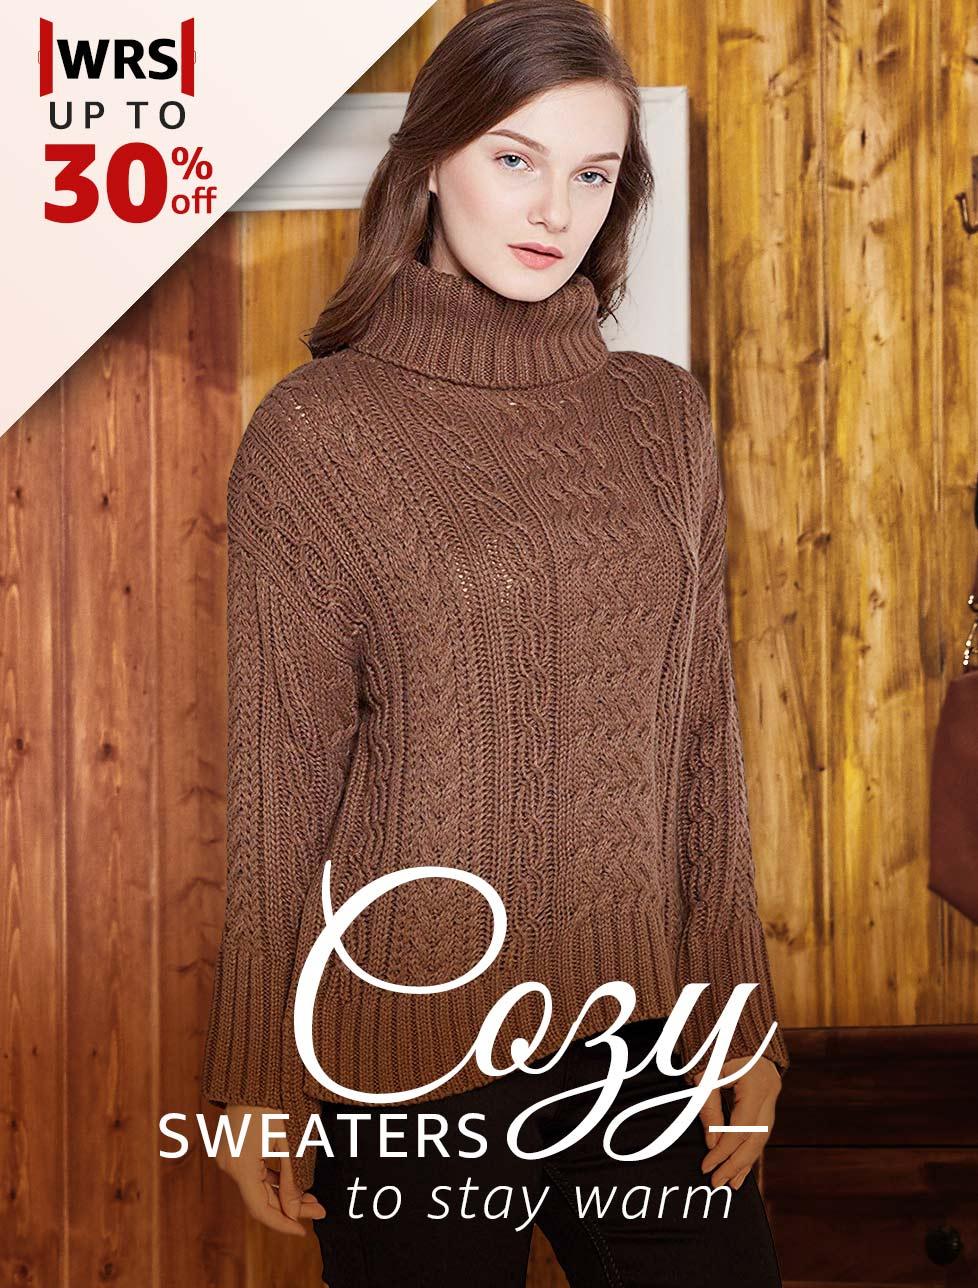 Cozy Sweaters to stay warm